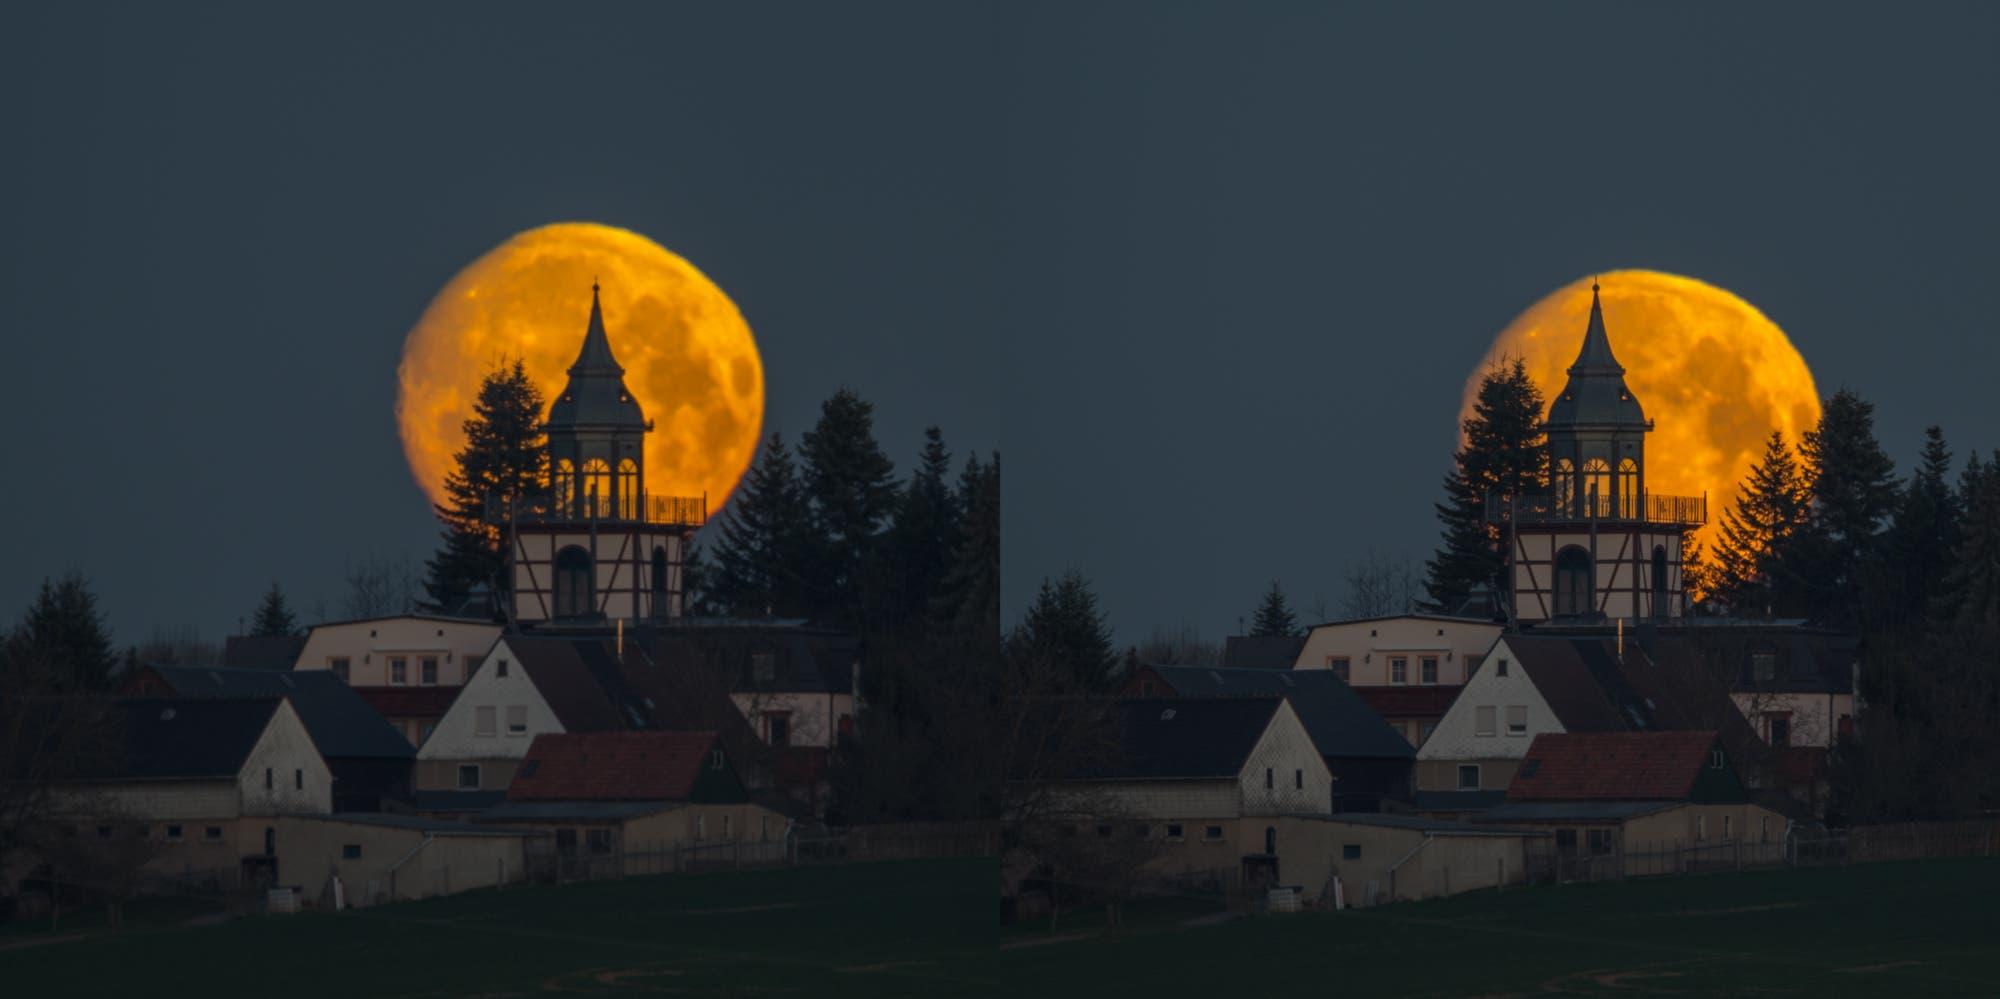 Monduntergang am Montagmorgen